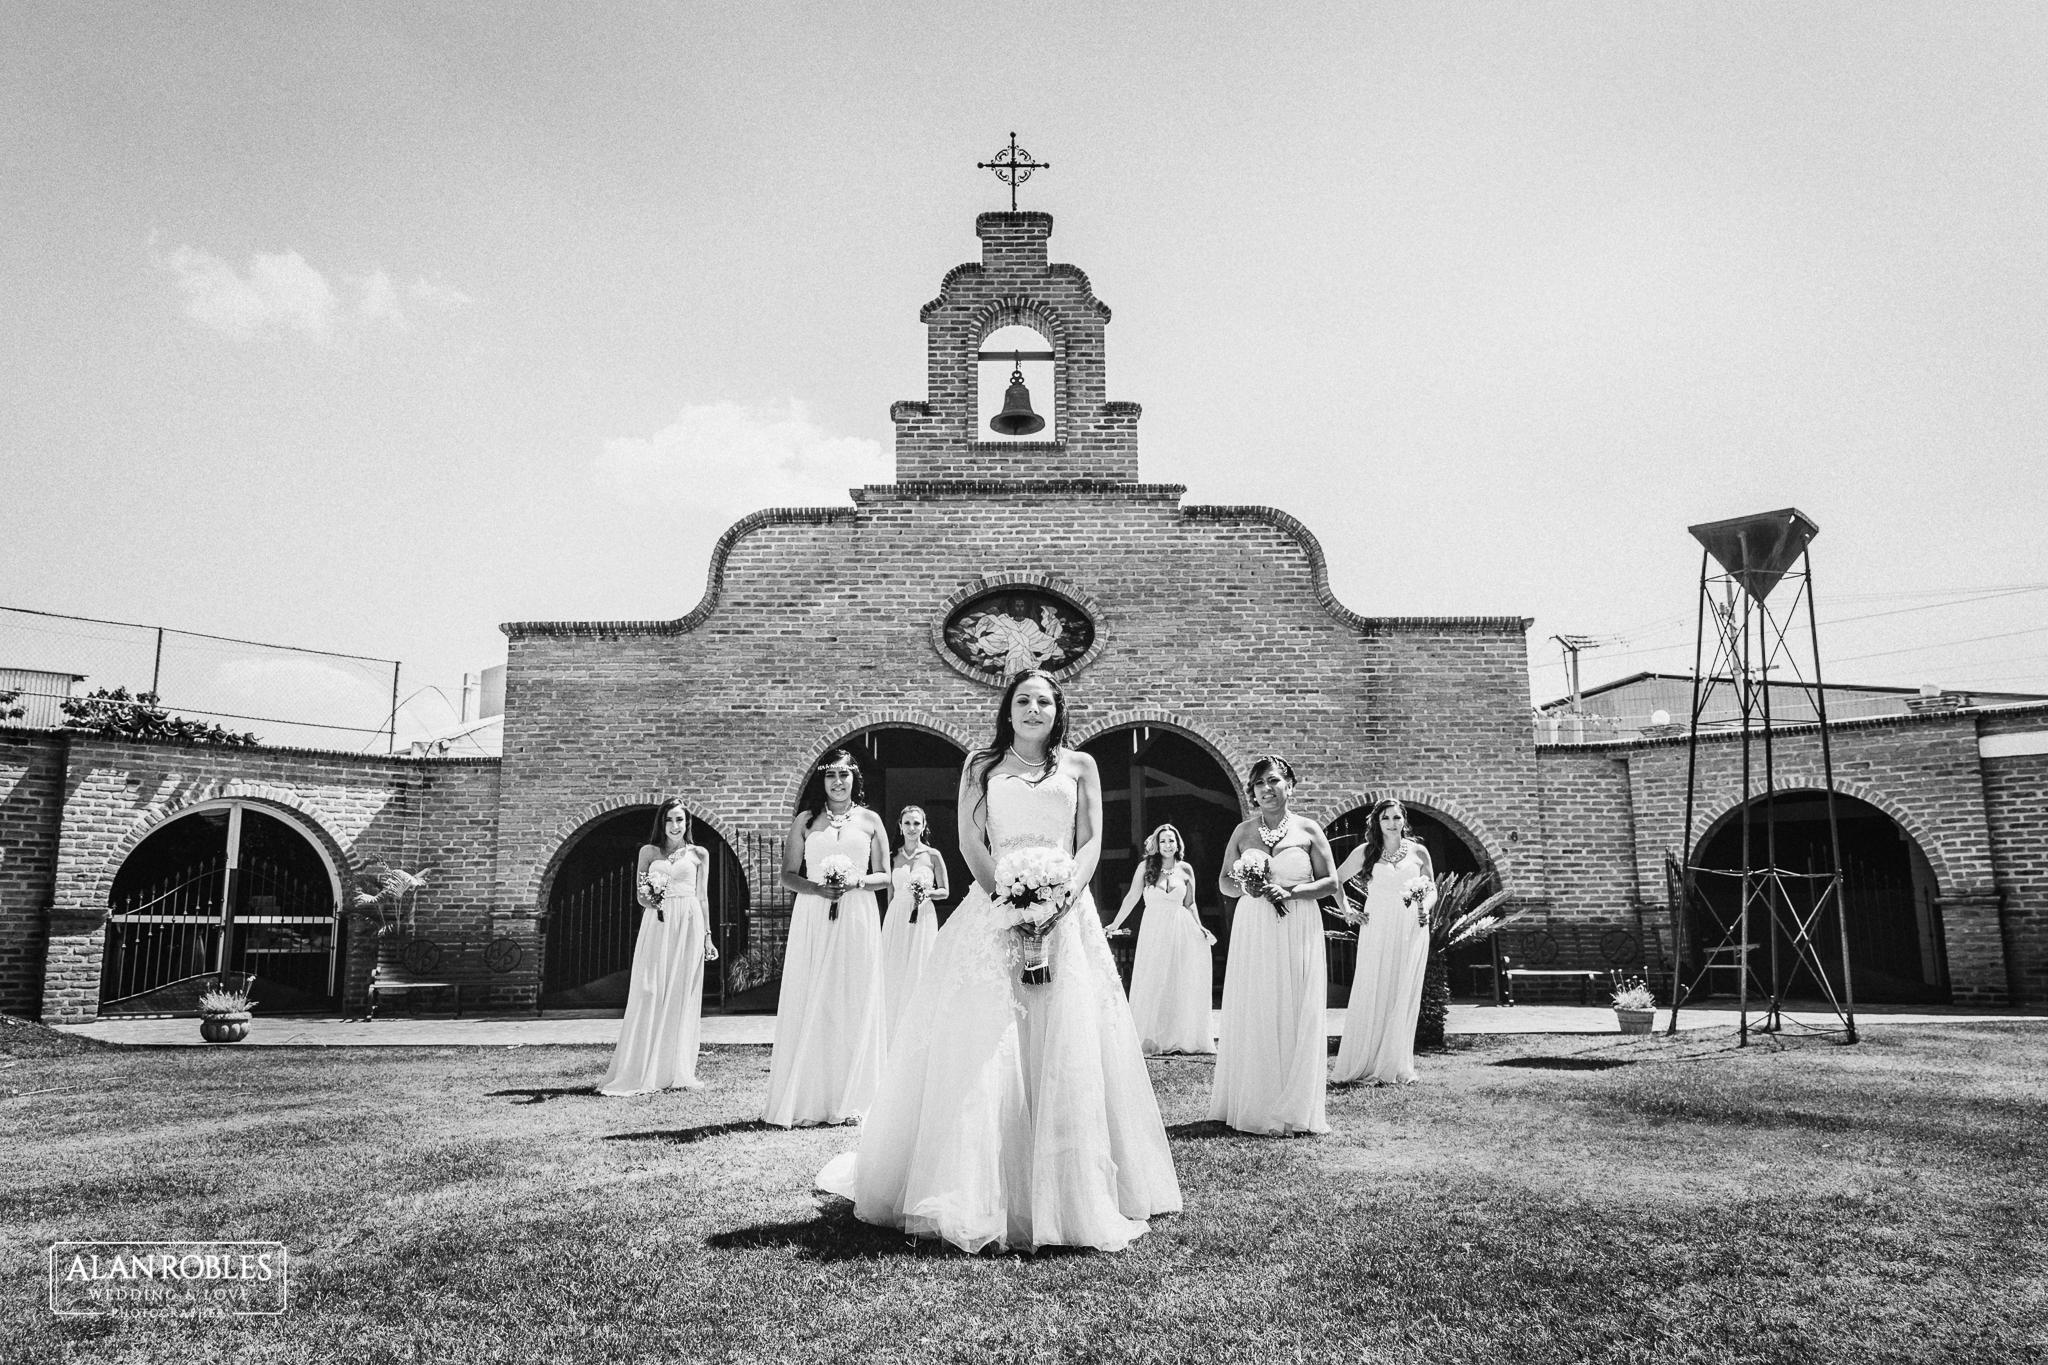 Novia y Damas de Honor en sesion de fotos divertidas con el mejor fotografo de bodas Alan Robles en Guadalajara.